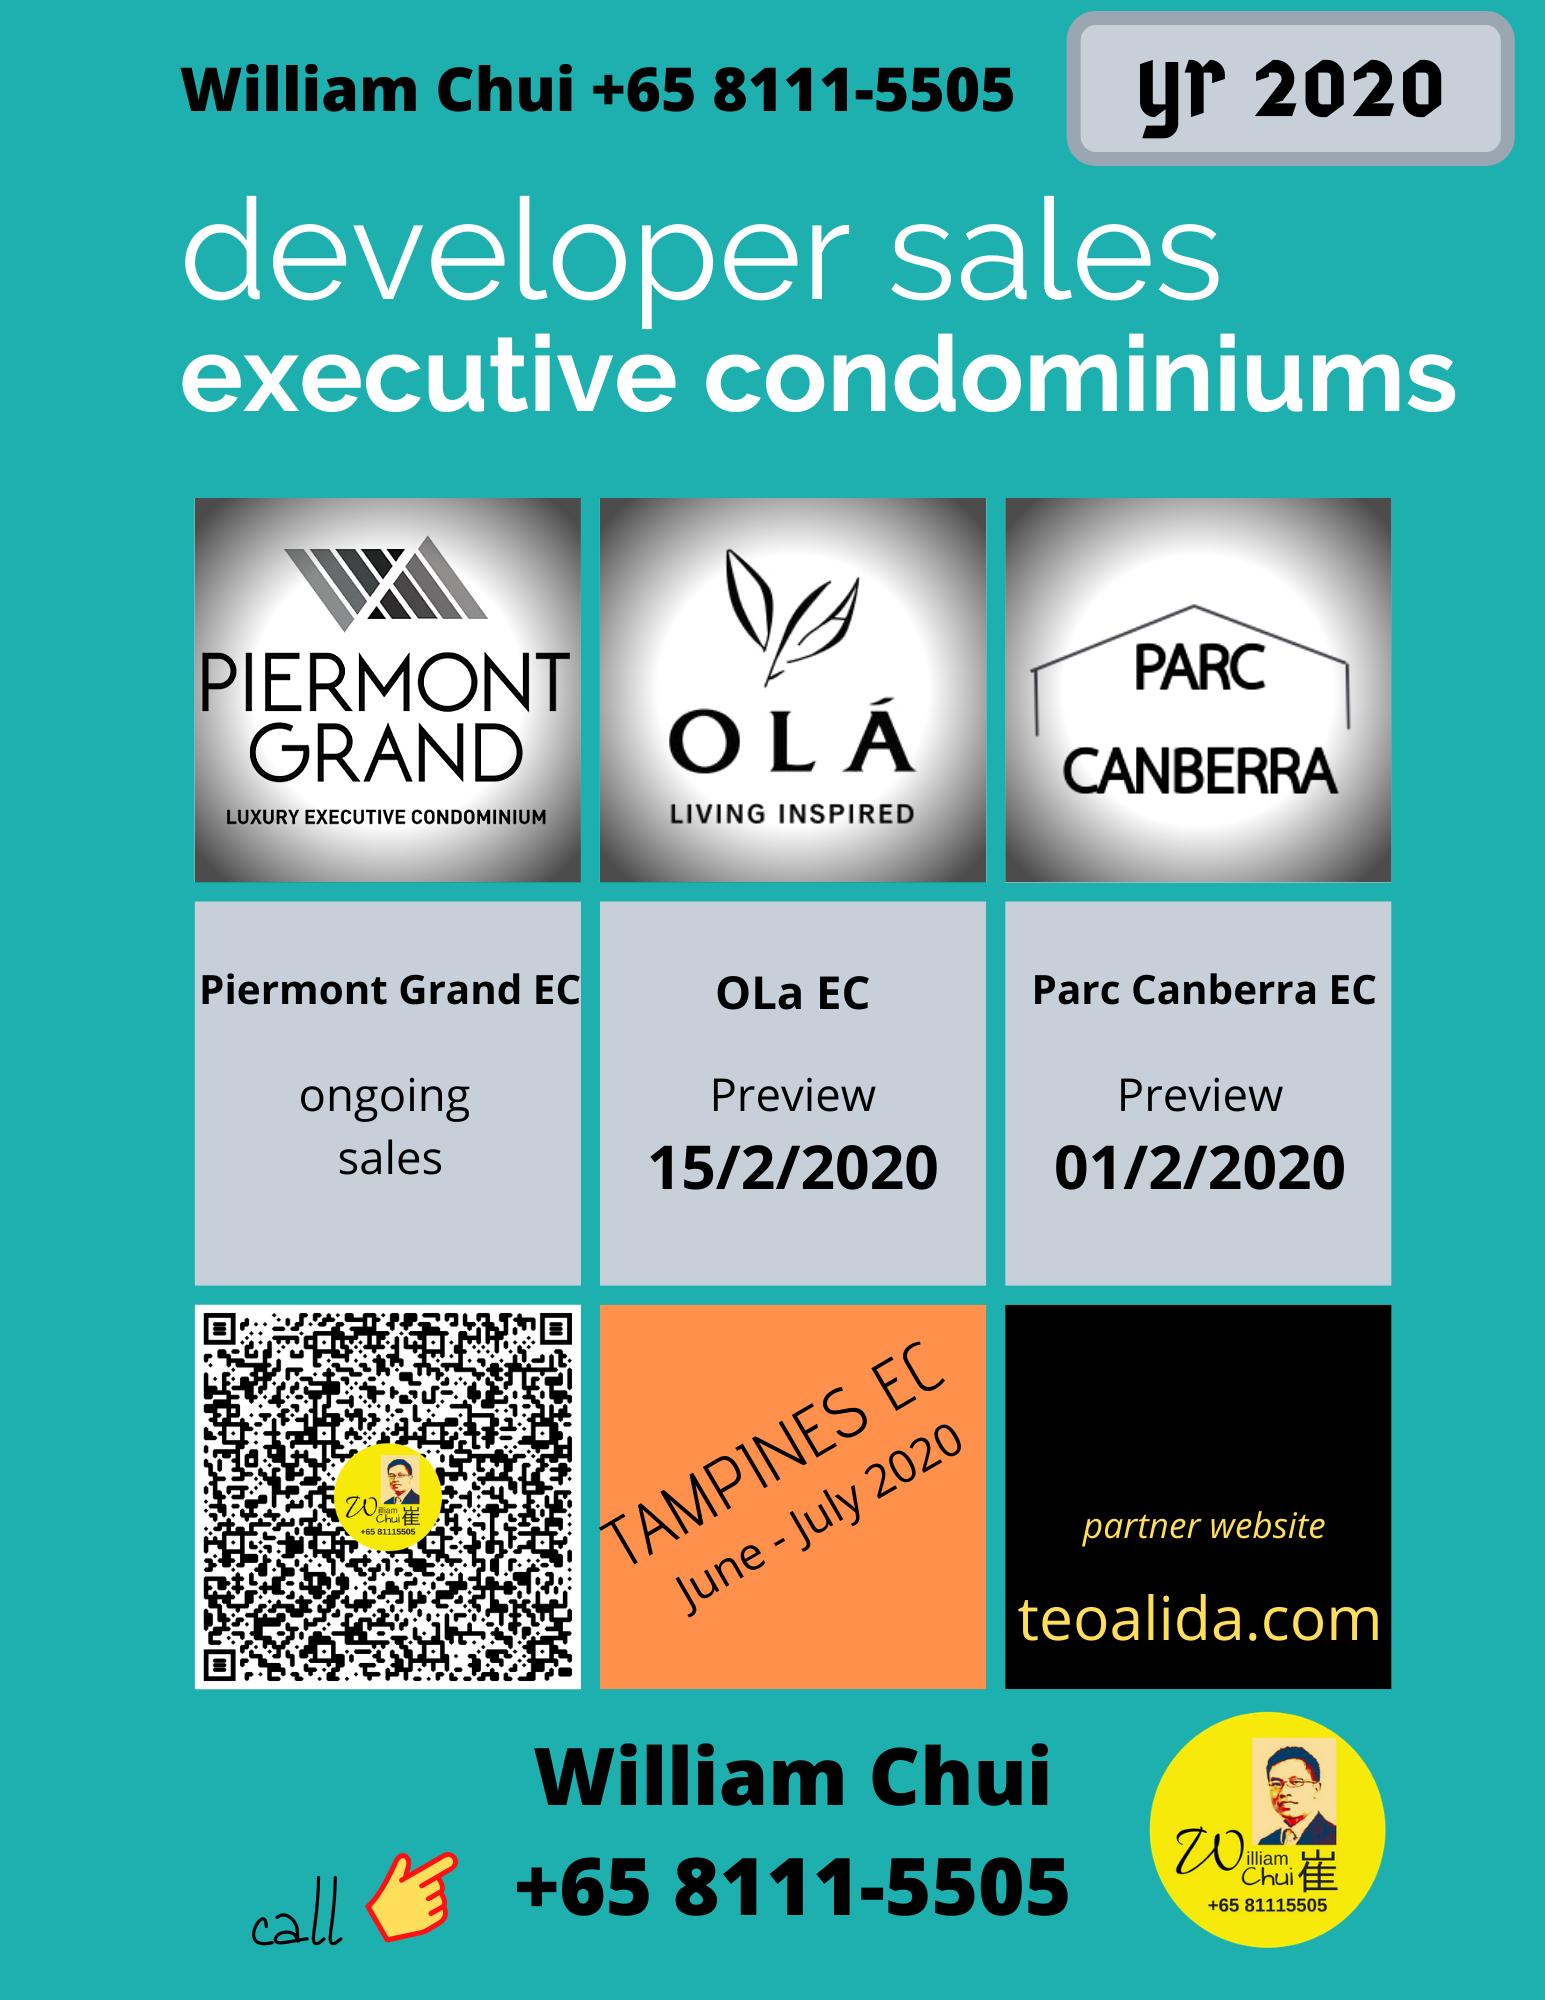 Executive Condominium developer sales